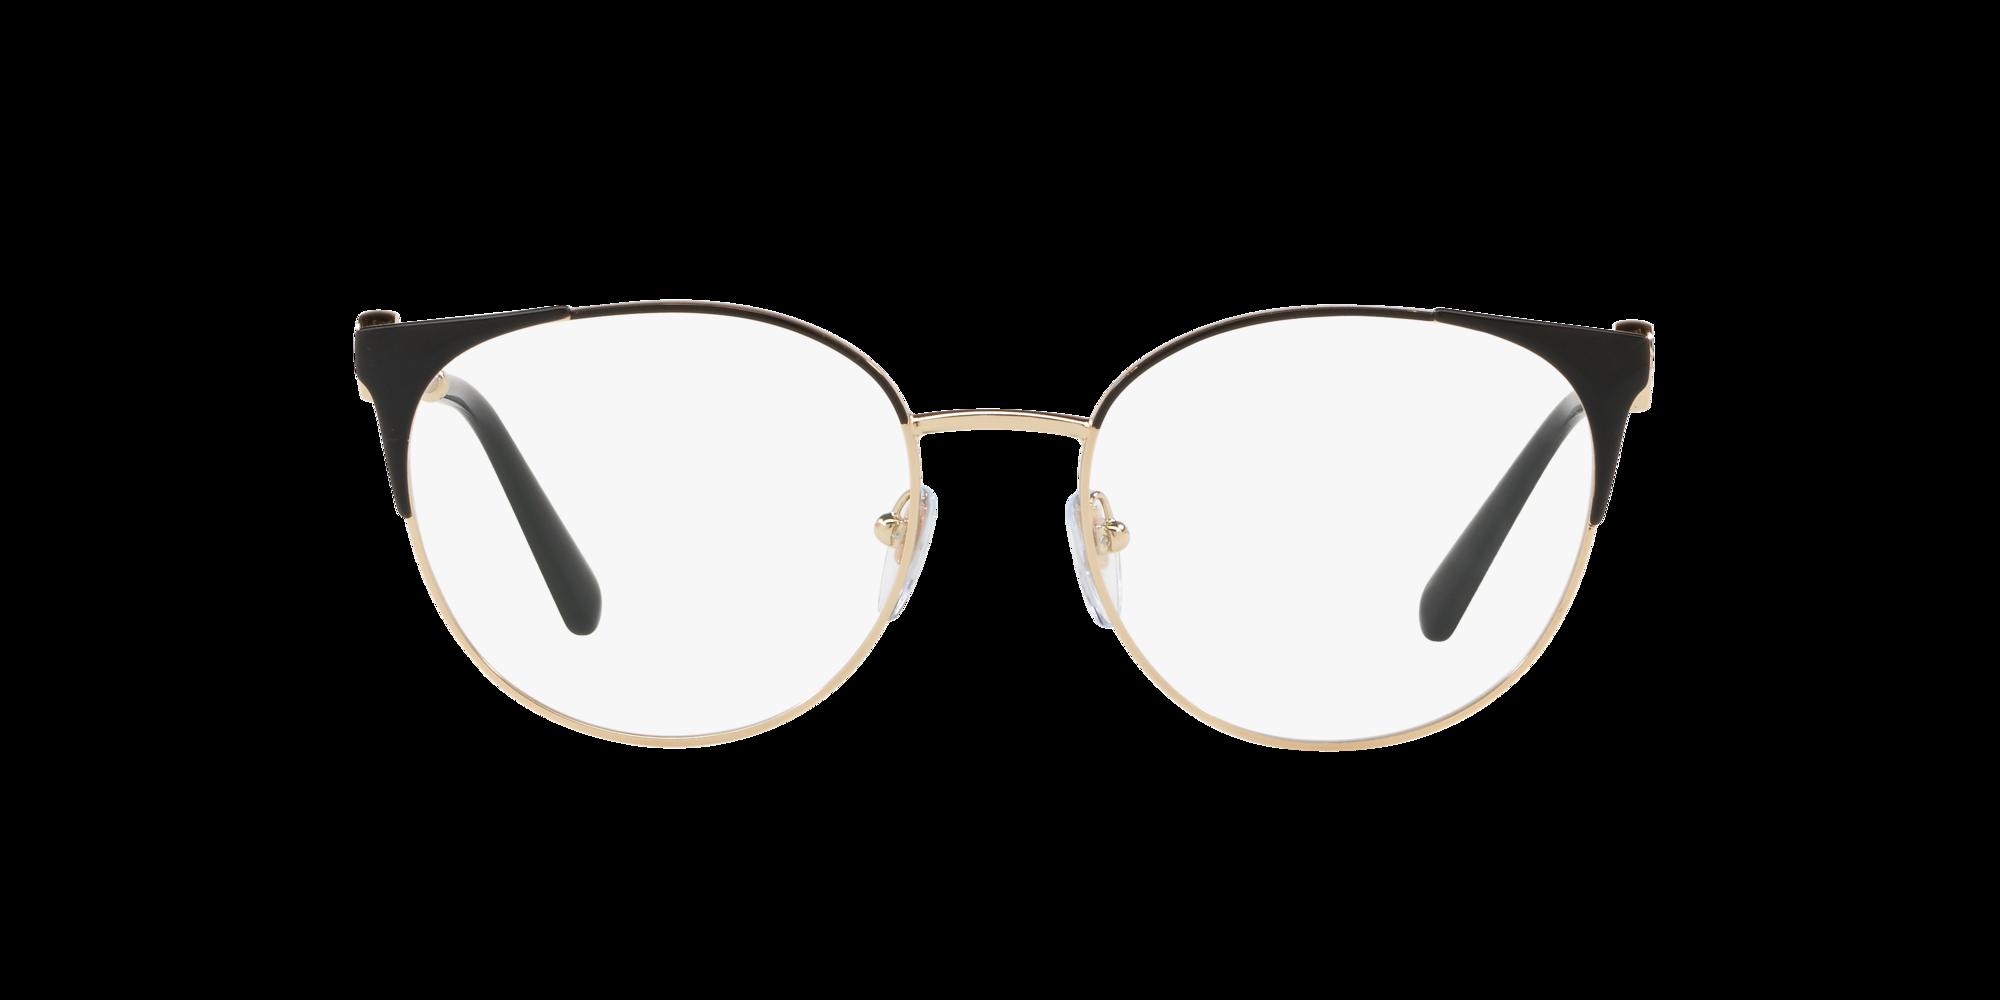 Imagen para BV2203 de LensCrafters |  Espejuelos, espejuelos graduados en línea, gafas